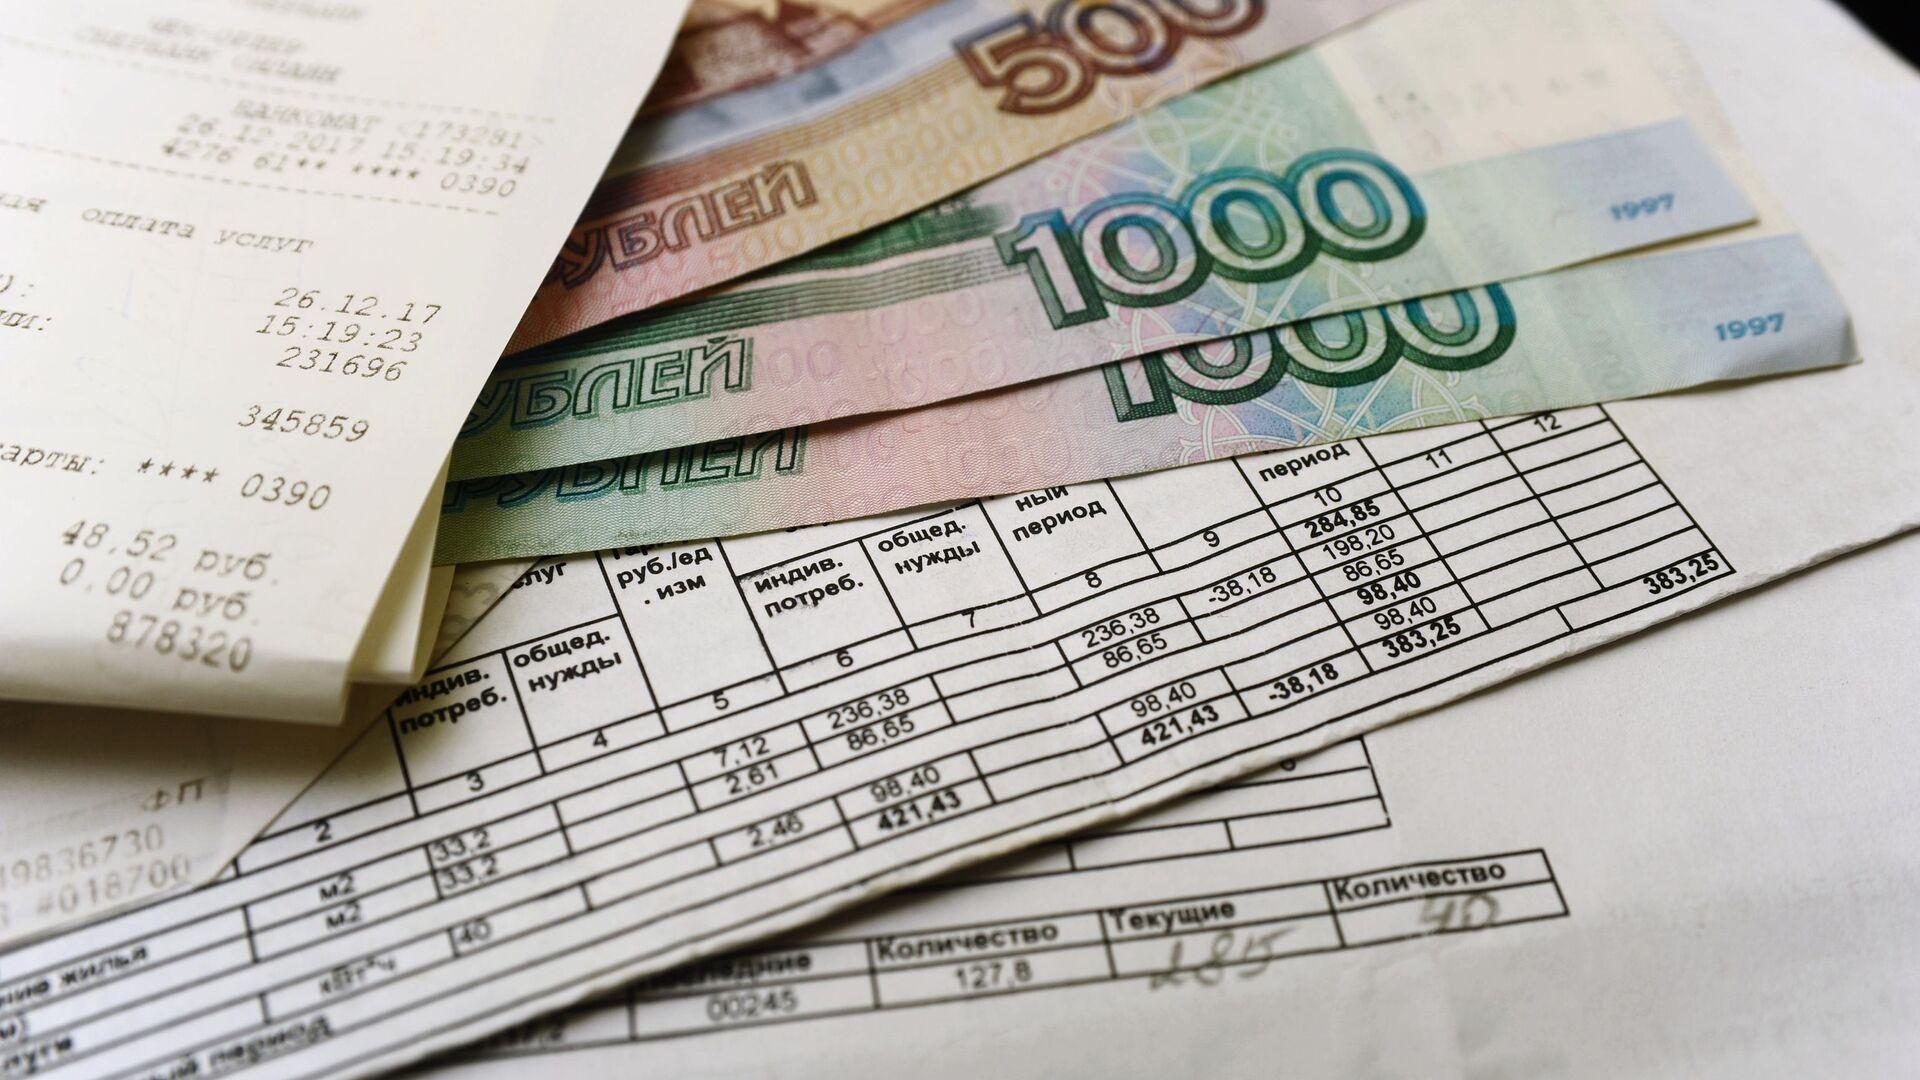 Платежные квитанции за услуги ЖКХ - РИА Новости, 1920, 03.12.2020